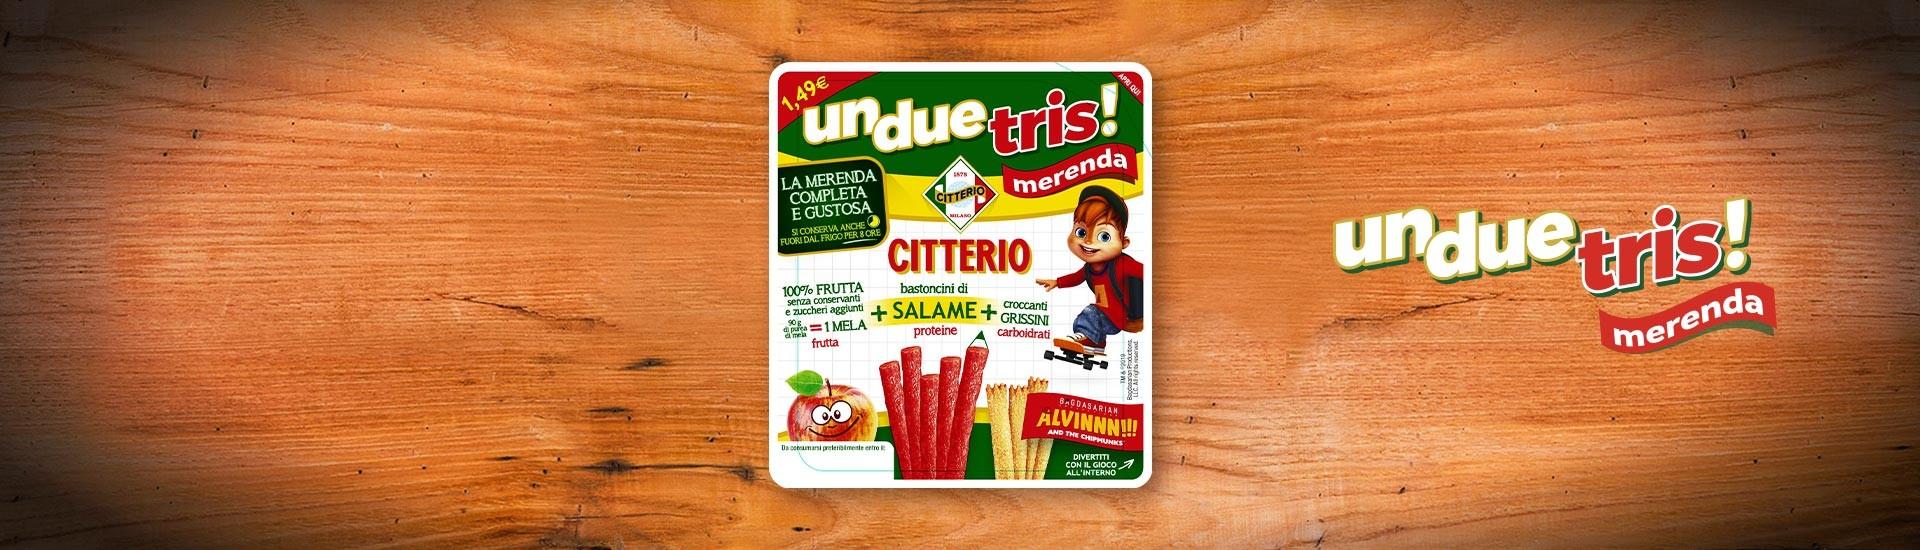 citterio-cover-unduetris-prodotto-salame.jpg